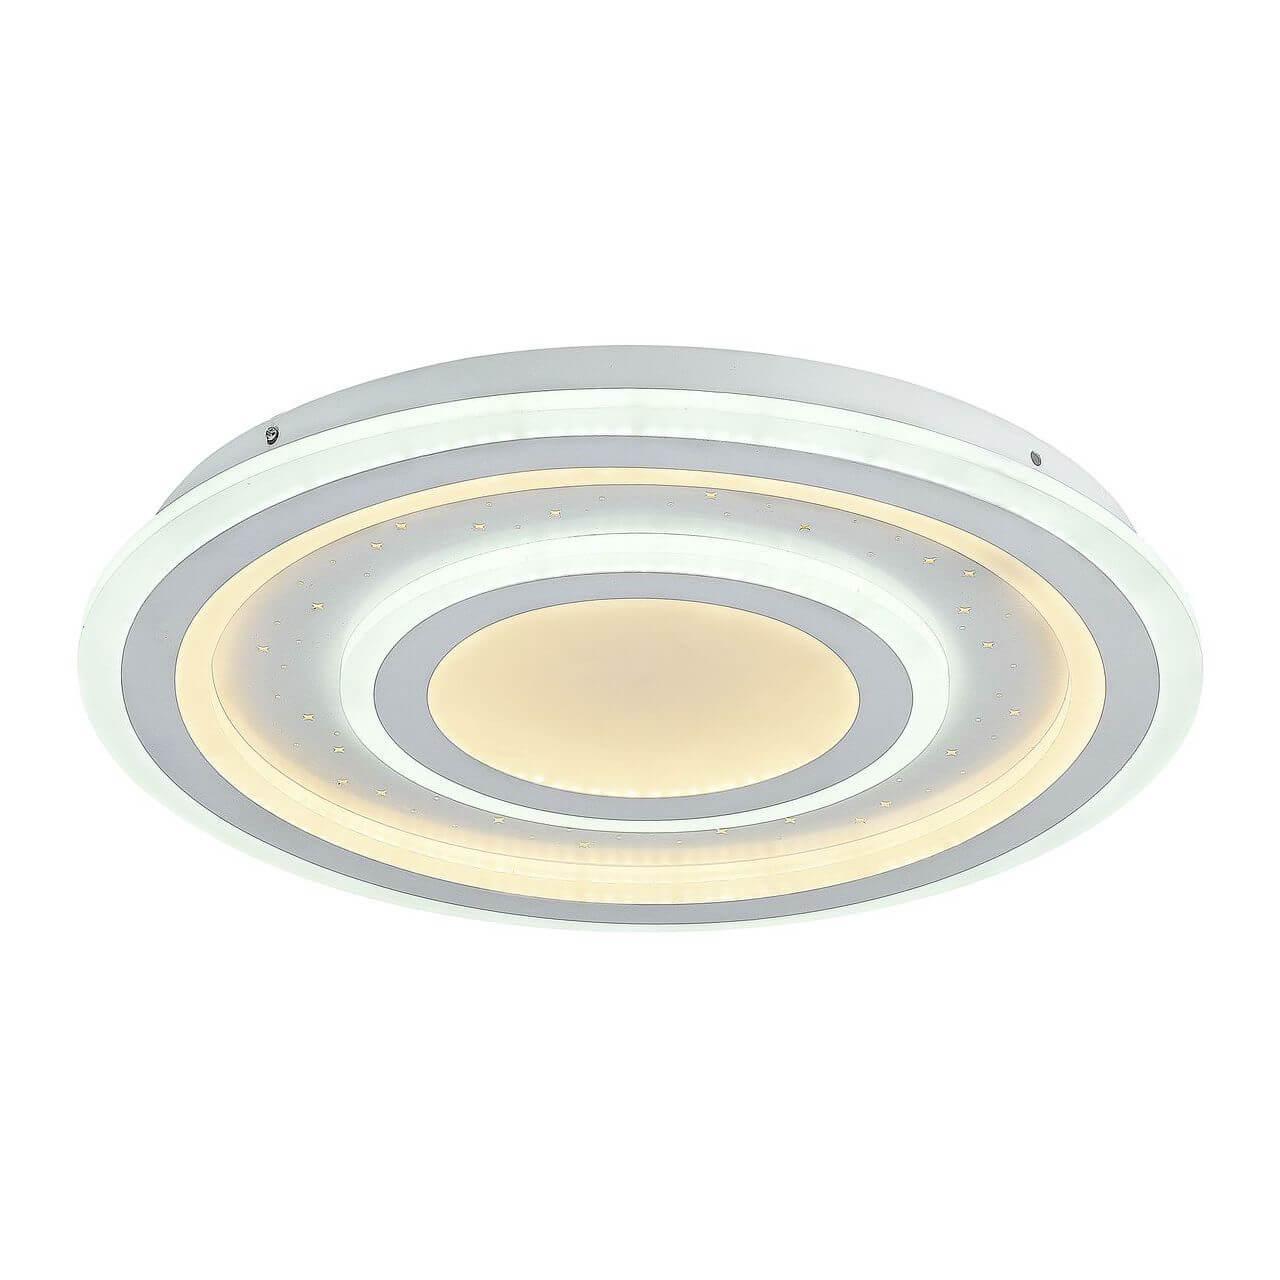 Потолочный светильник F-Promo 2272-5C, LED, 120 Вт светильник favourite ledolution 2283 5c